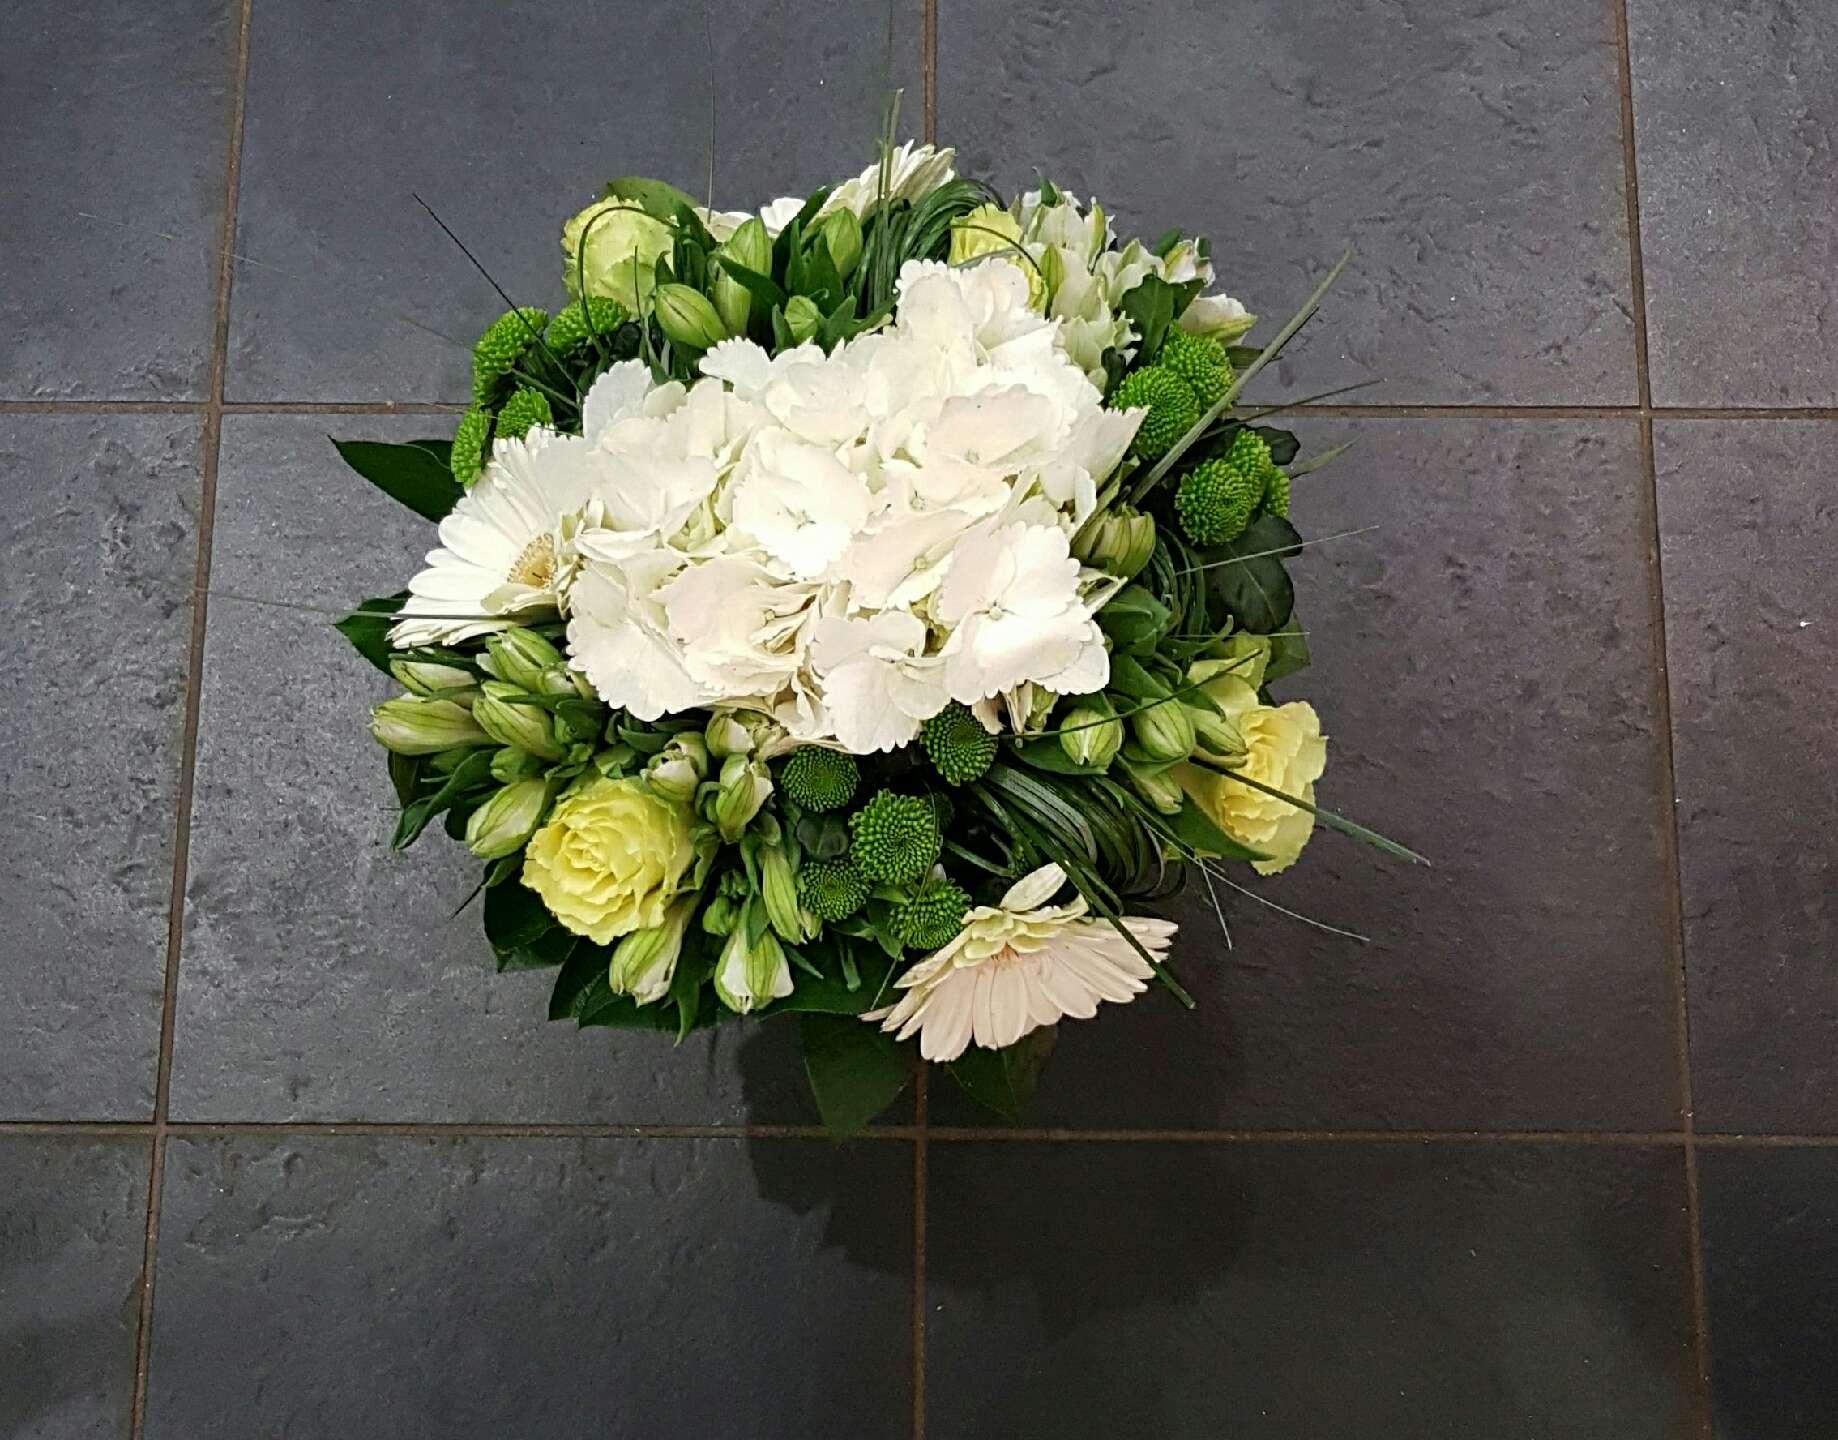 Bouquet de fleur en direct meilleur prix qualit fleuriste for Prix bouquet de rose fleuriste